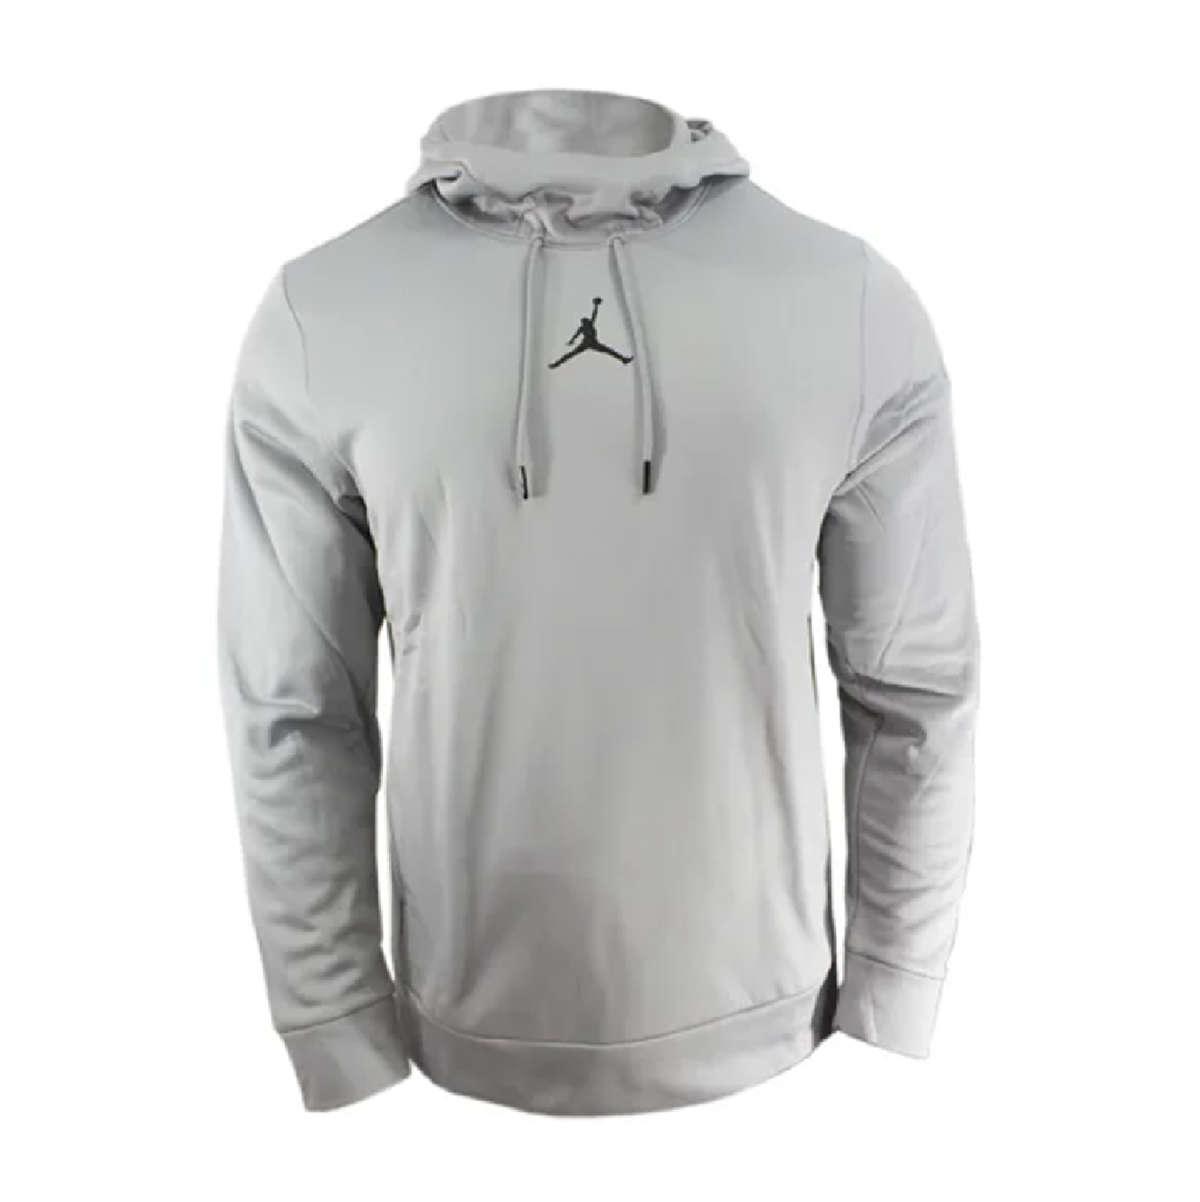 Comprar Camiseta de fútbol en Villavicencio - Tiendas y promociones -  Ofertia dc7652444f107